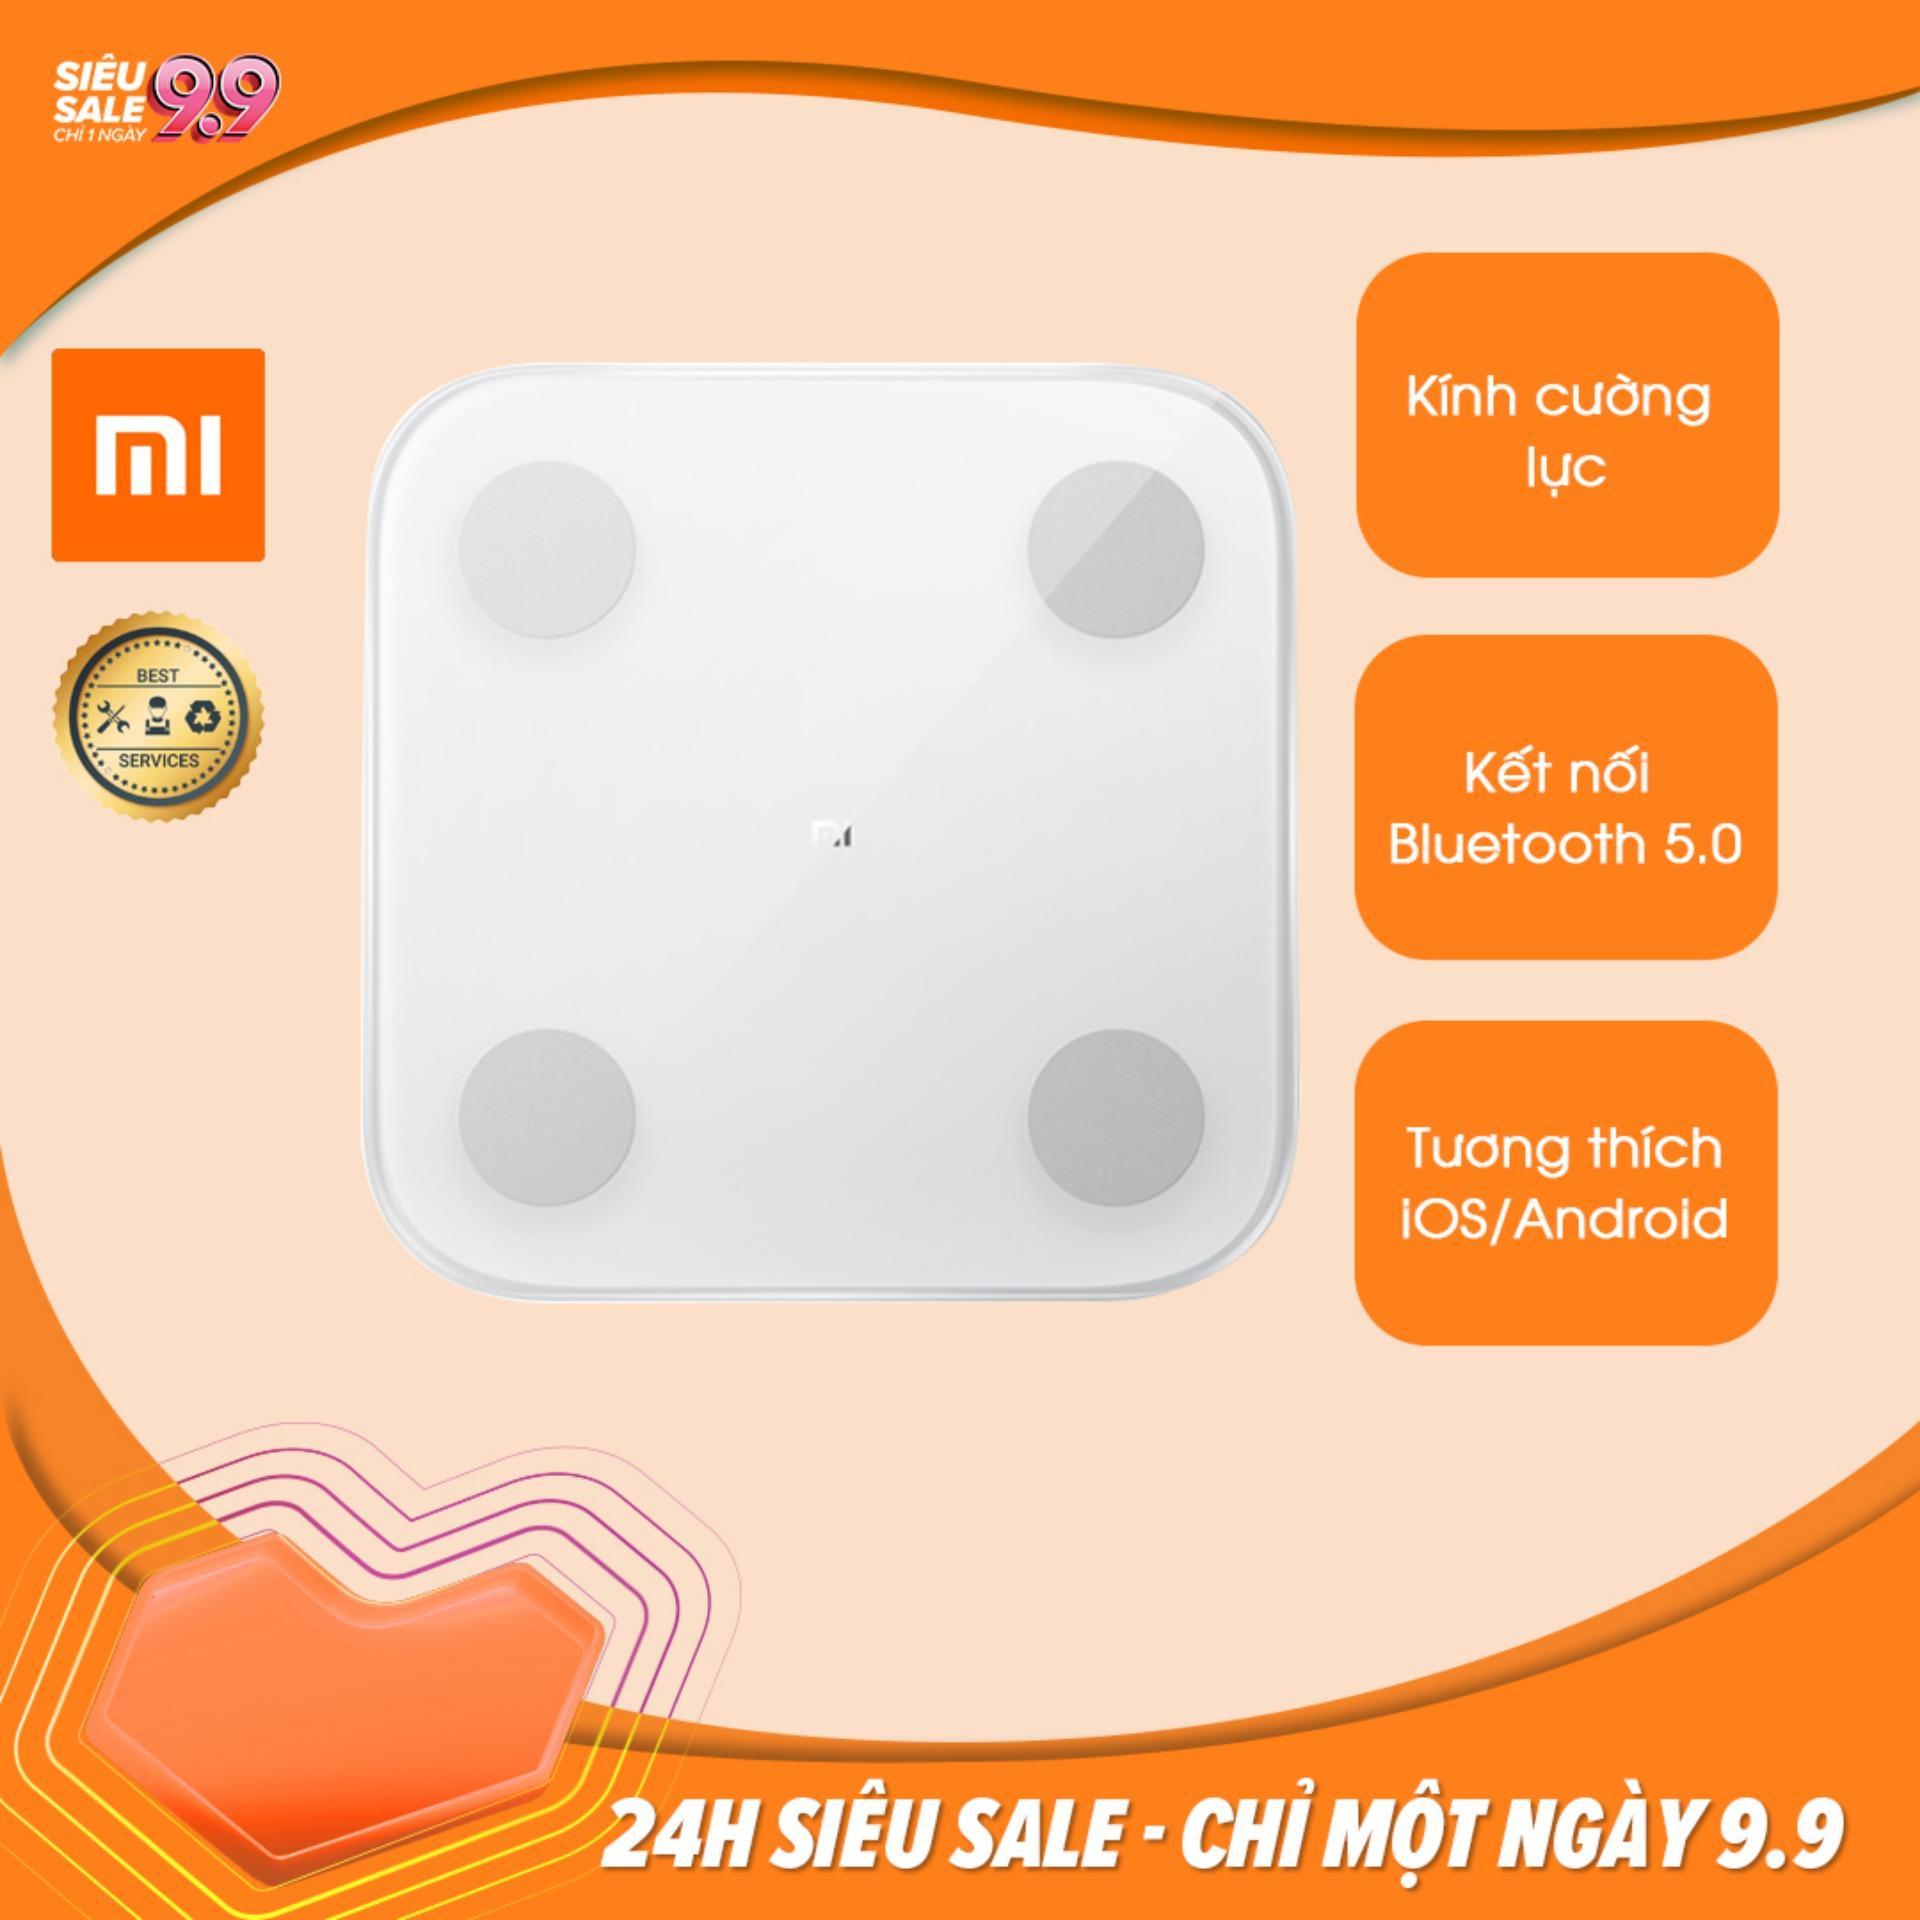 Cân thông minh Xiaomi Mi Body Composition Scale 2 ( Gen 2 ) chính hãng